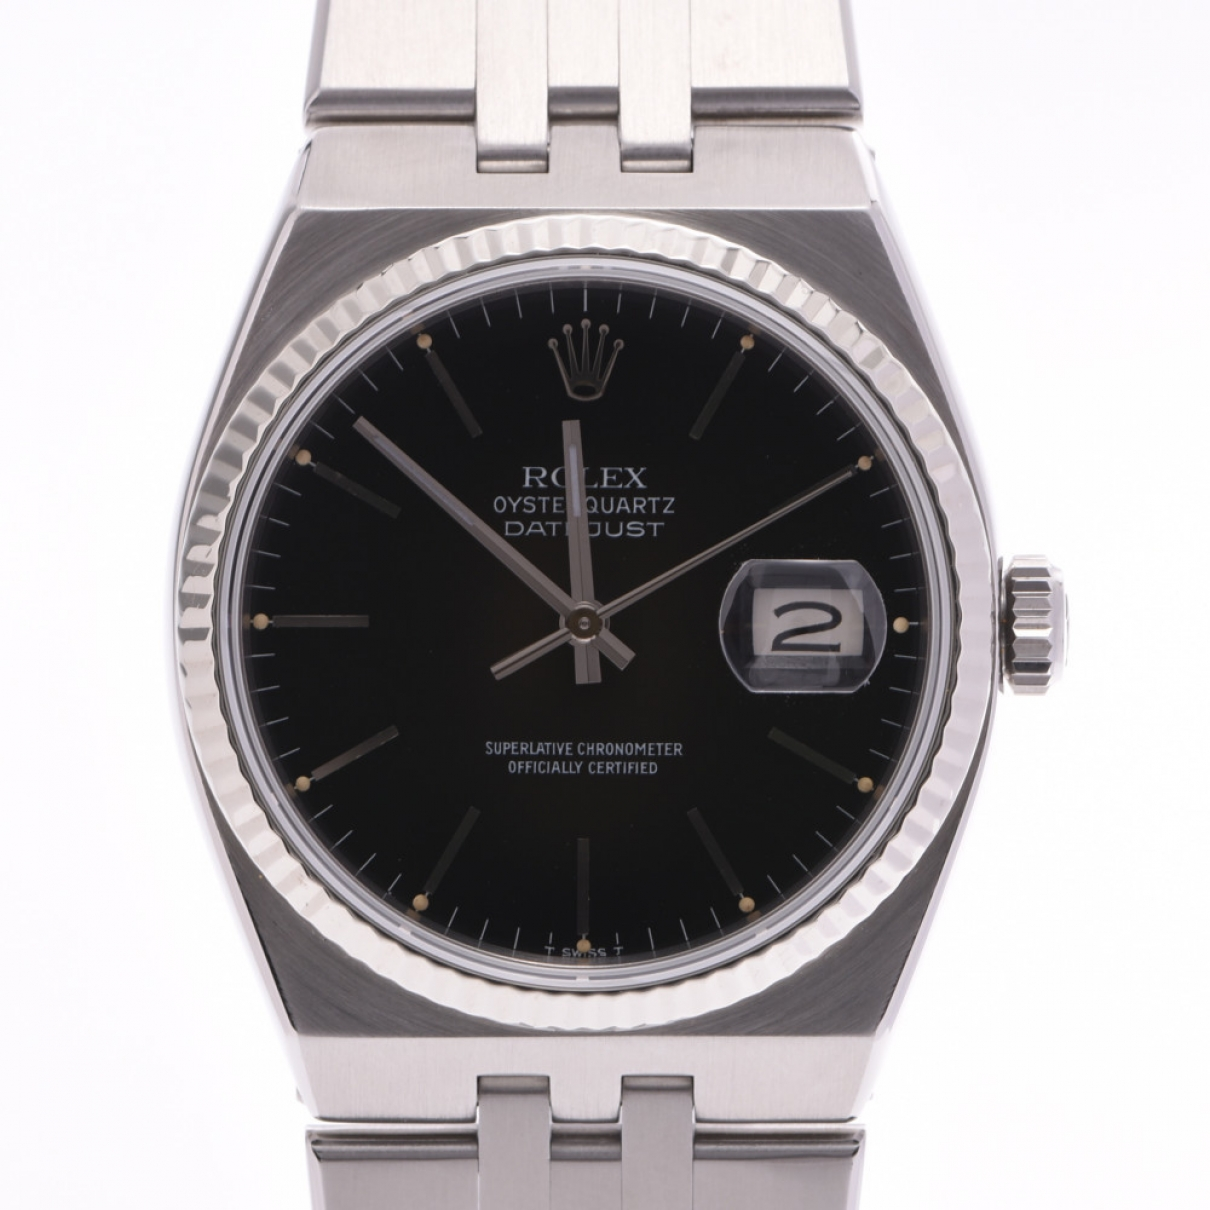 Reloj Oyster Quartz Rolex